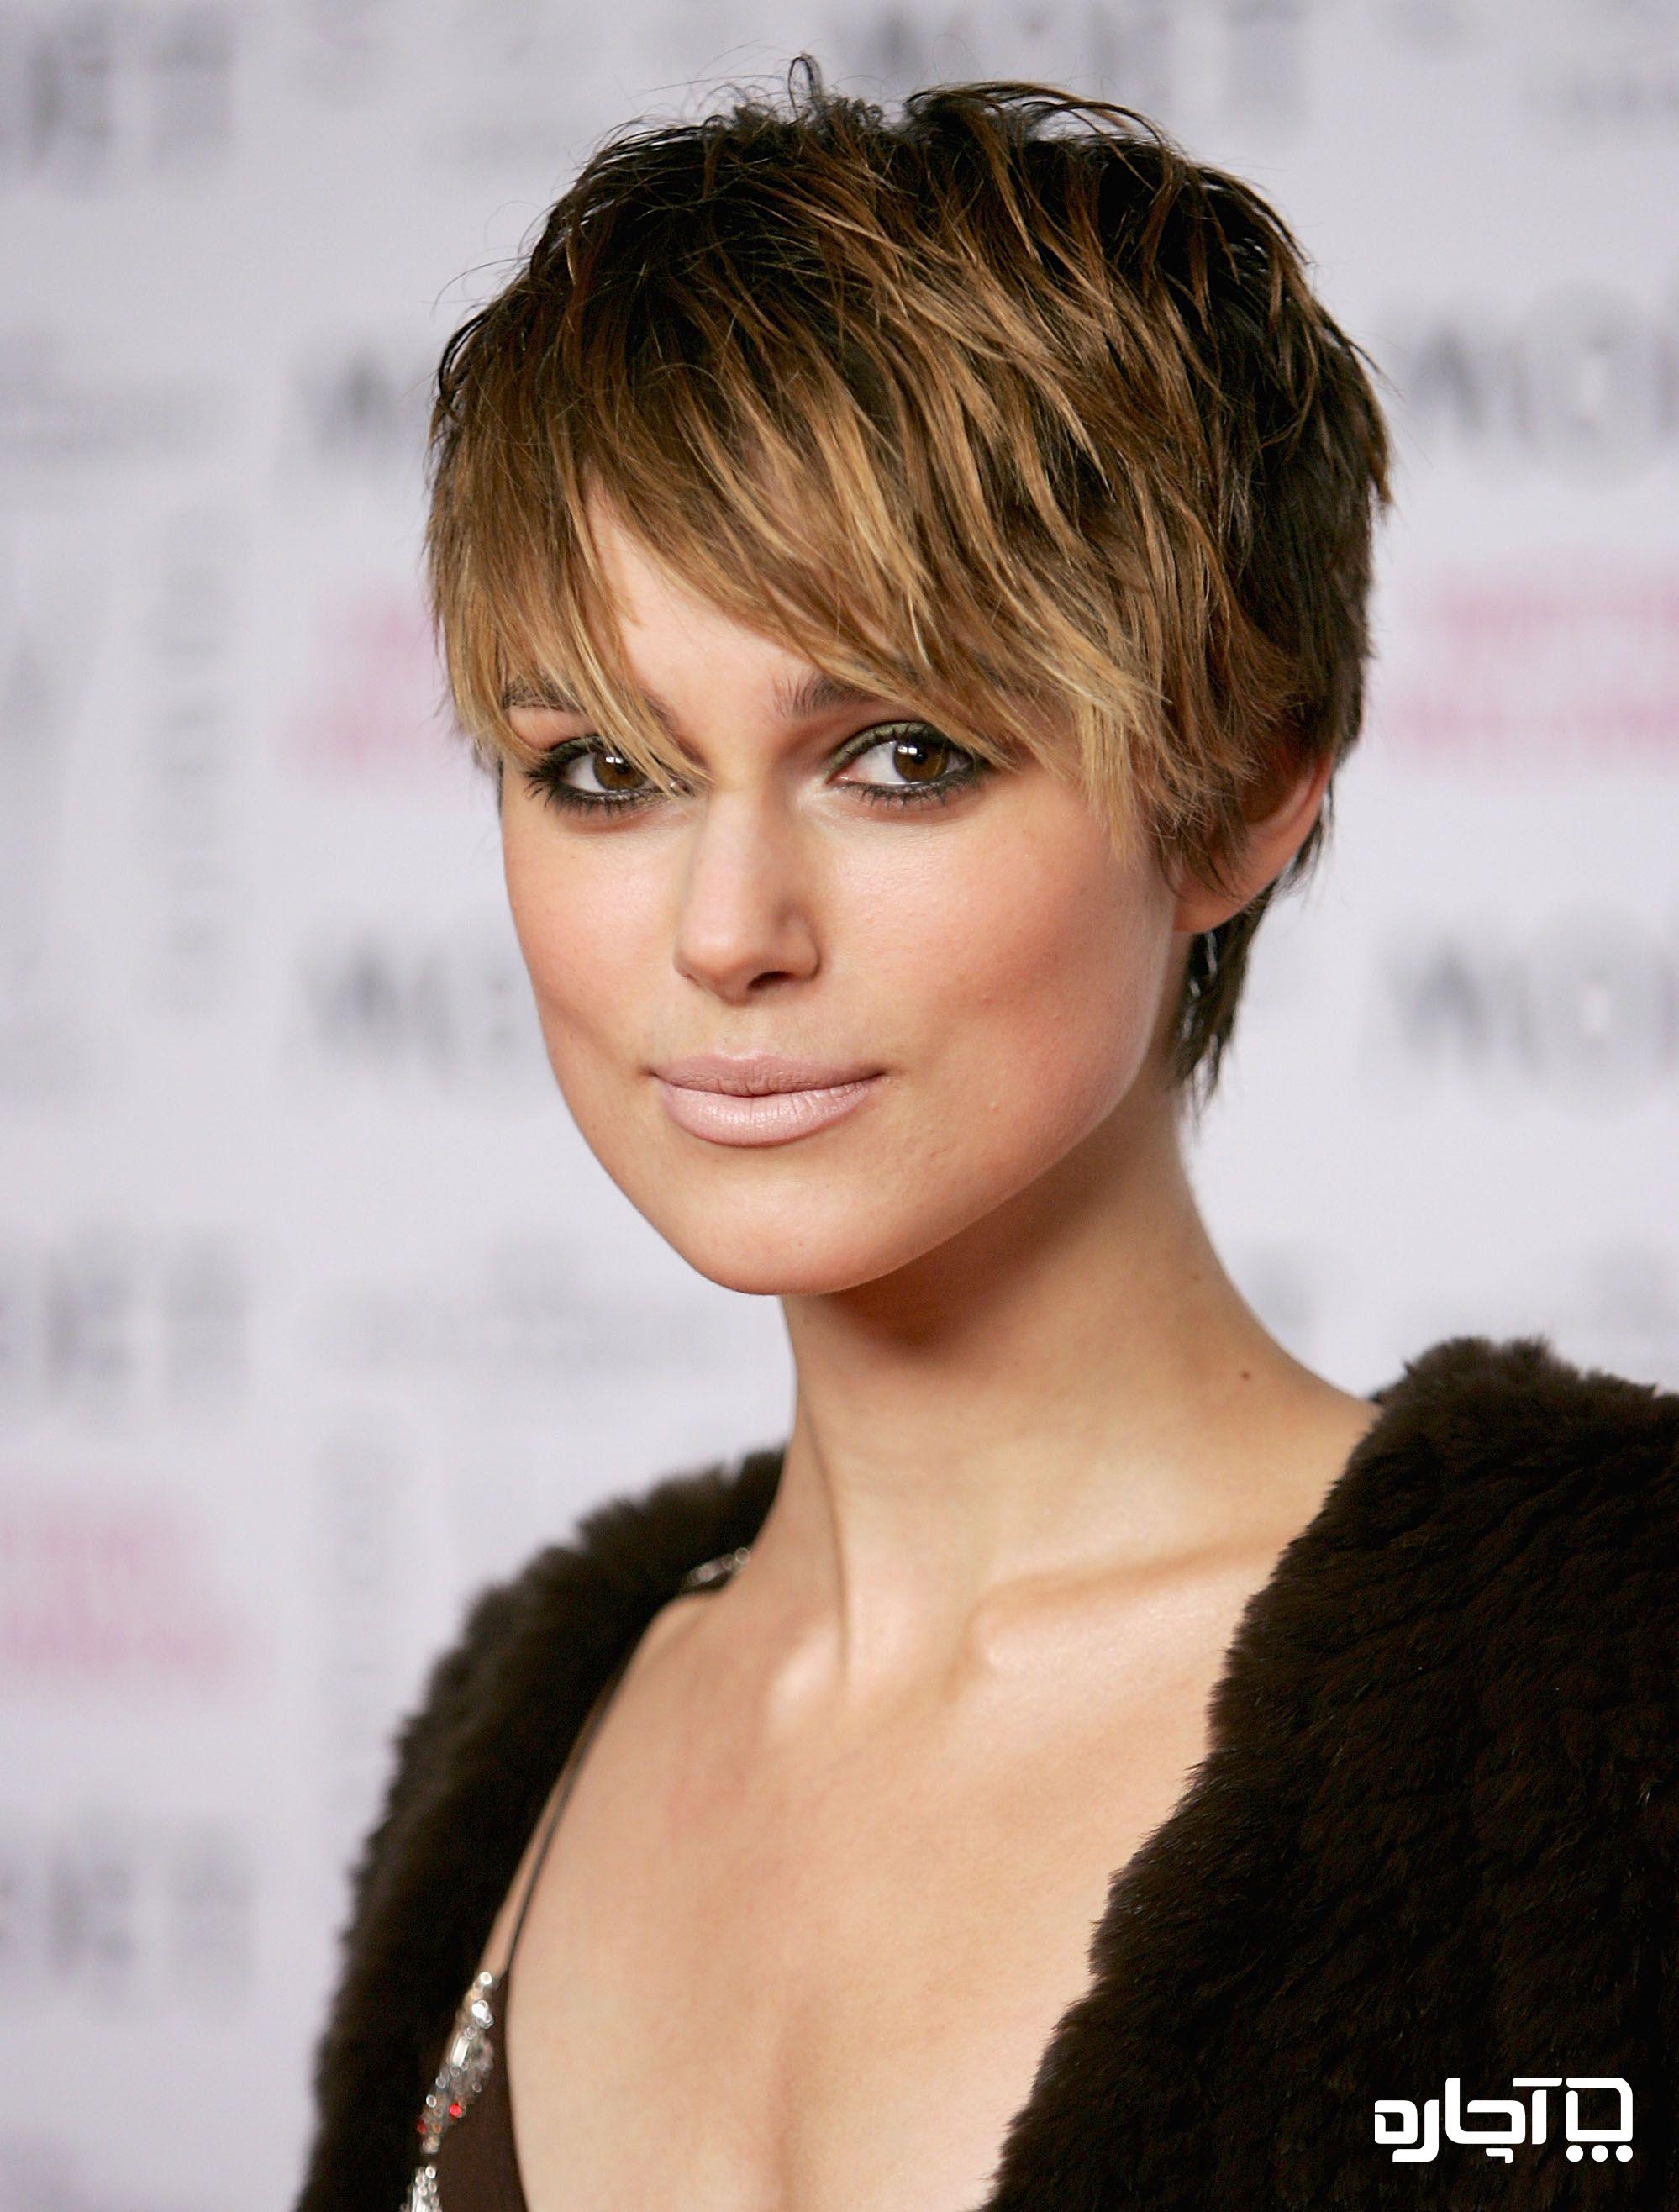 مدل مو کوتاه دخترانه و زنانه 2020